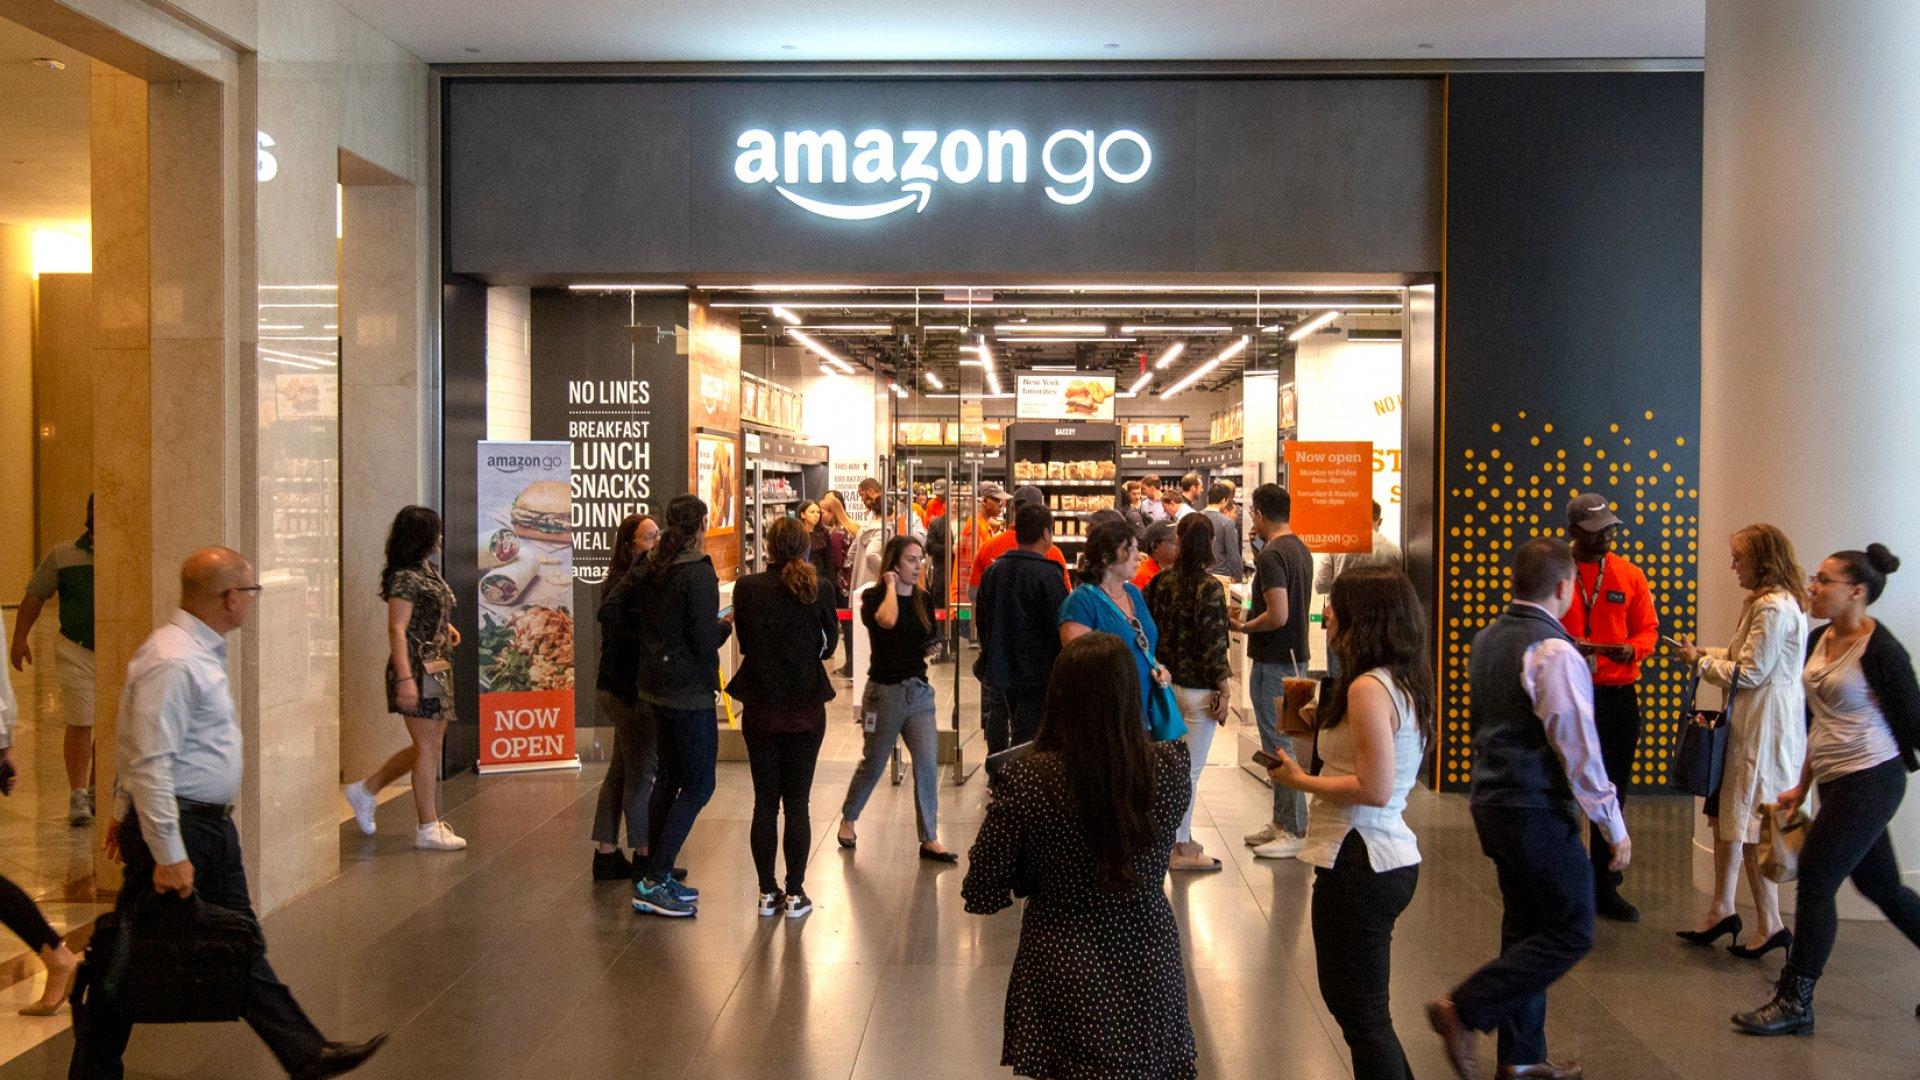 Amazon Go in New York City.